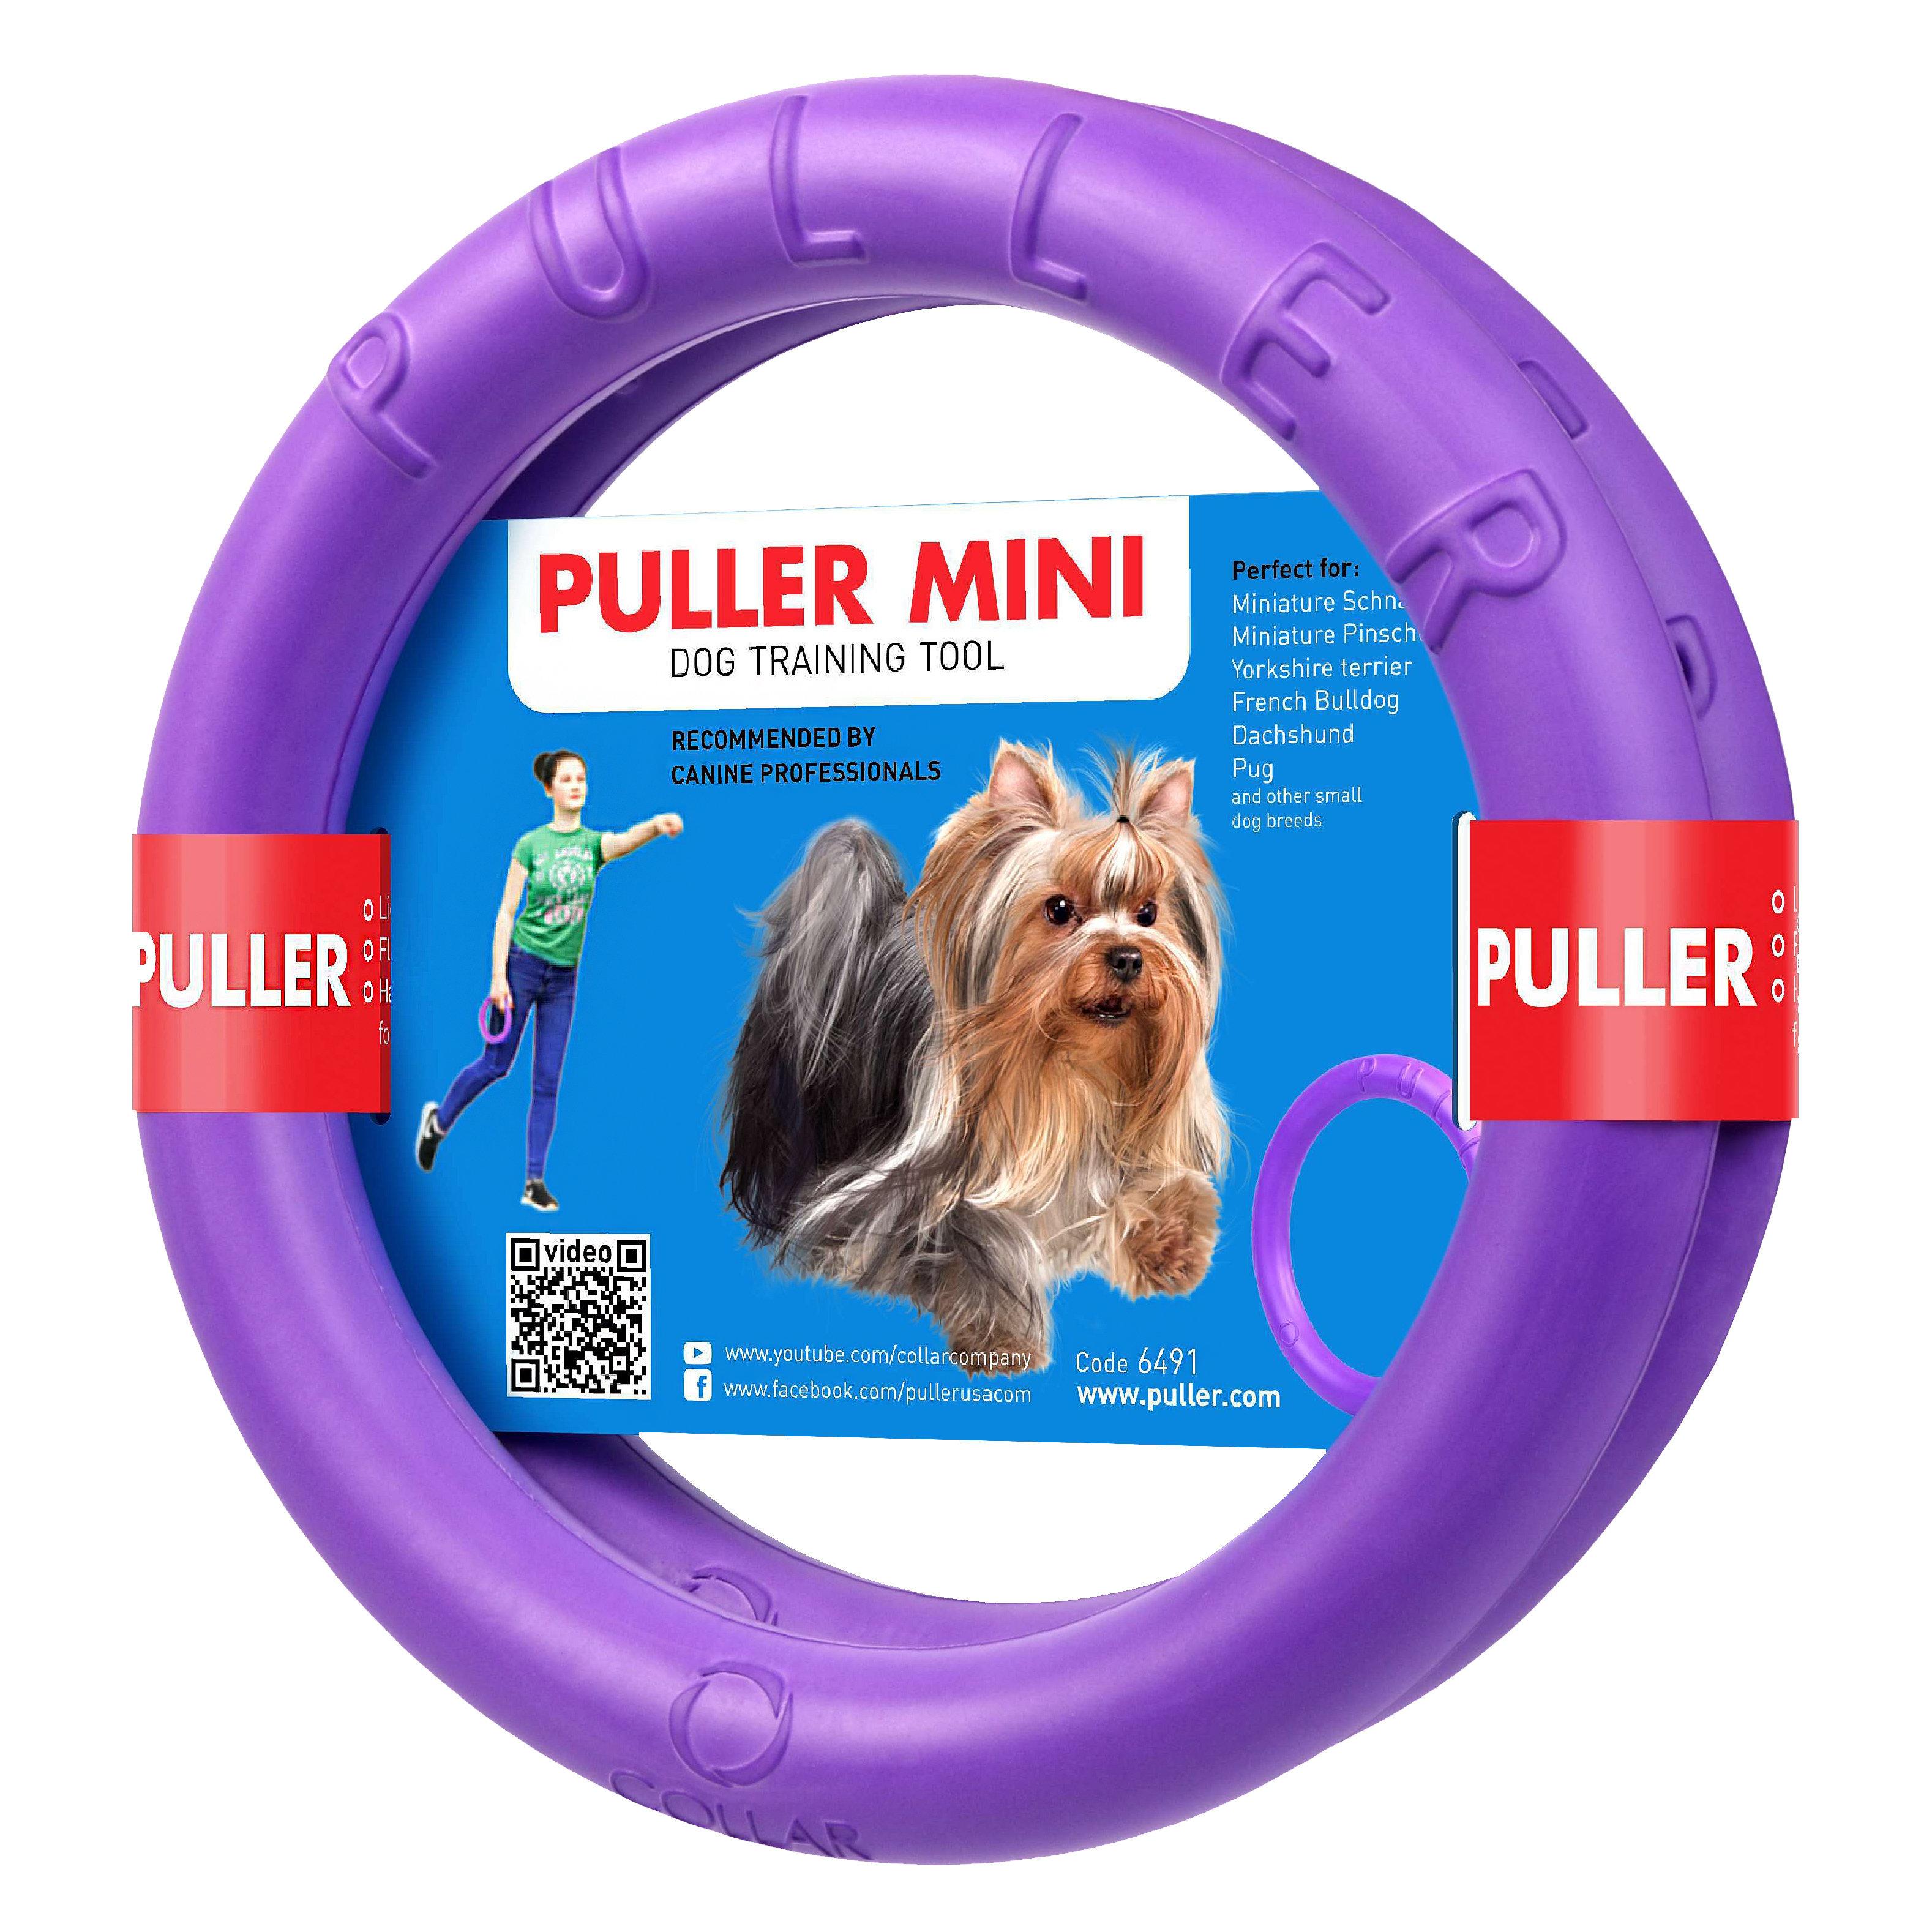 PULLER Тренировочный снаряд для собак PULLER Mini, диаметр 18см 6491 Kormberi.ru магазин товаров для ваших животных